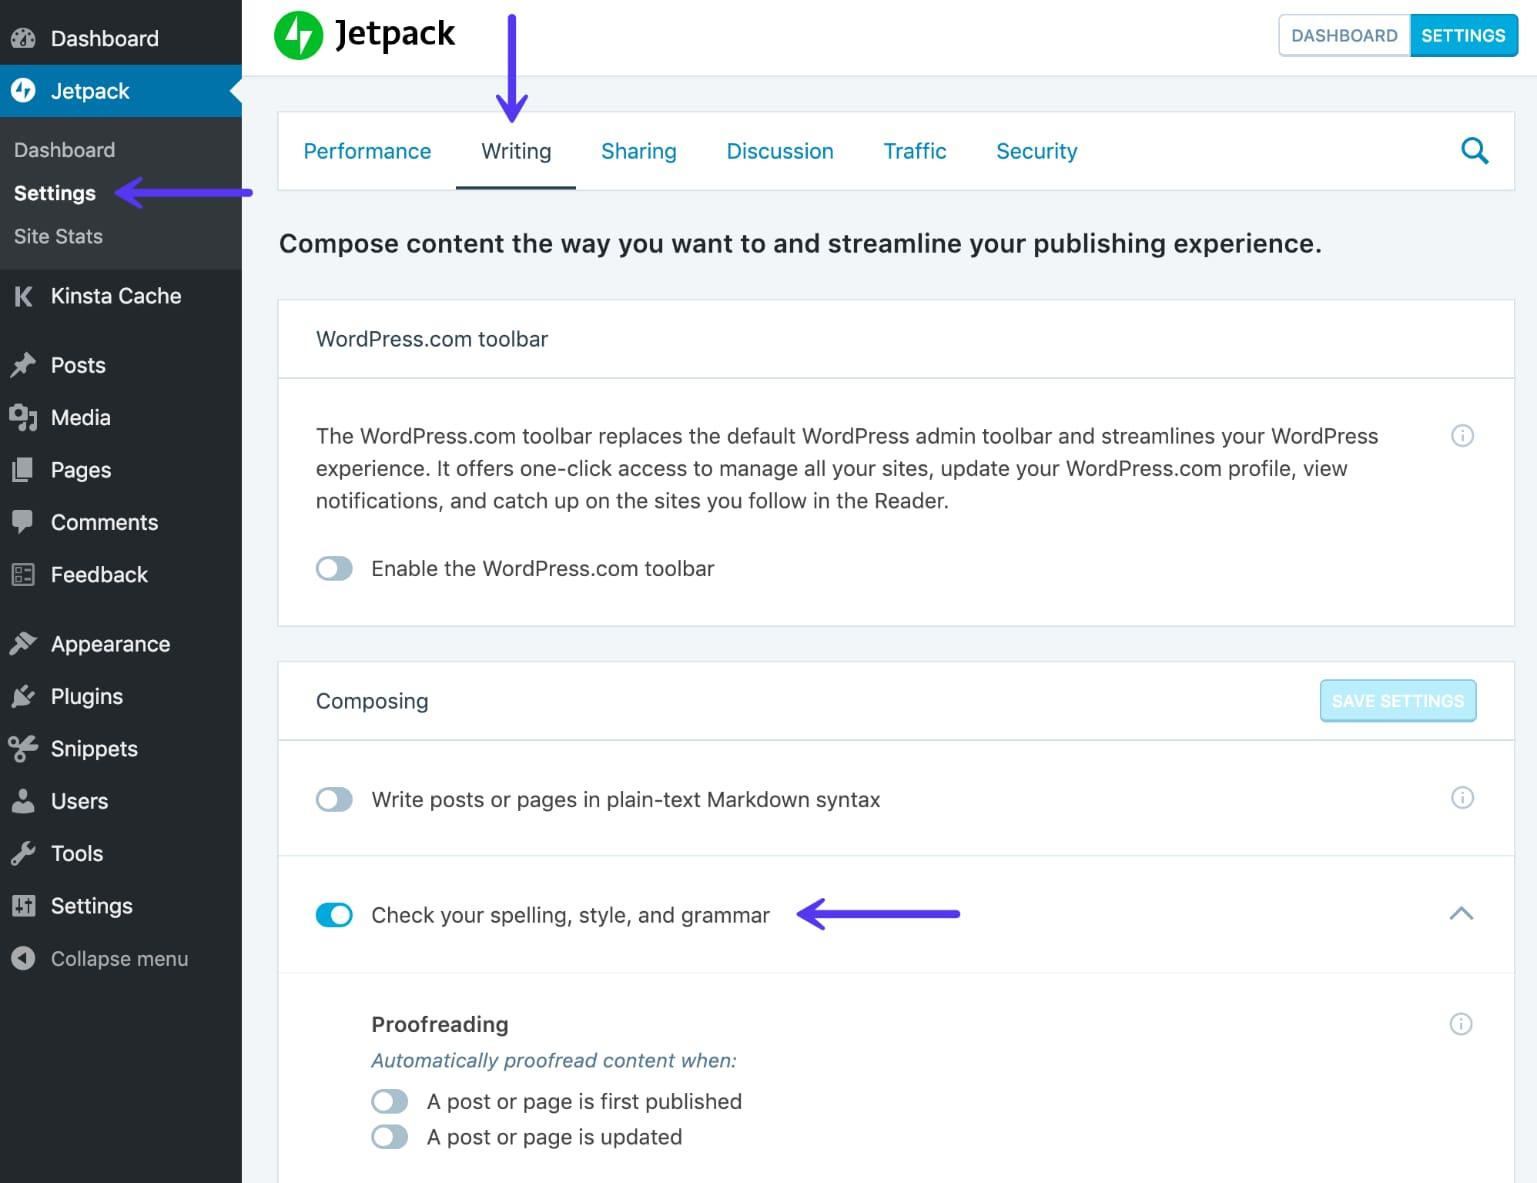 Activer la vérification grammaticale et orthographique de Jetpack